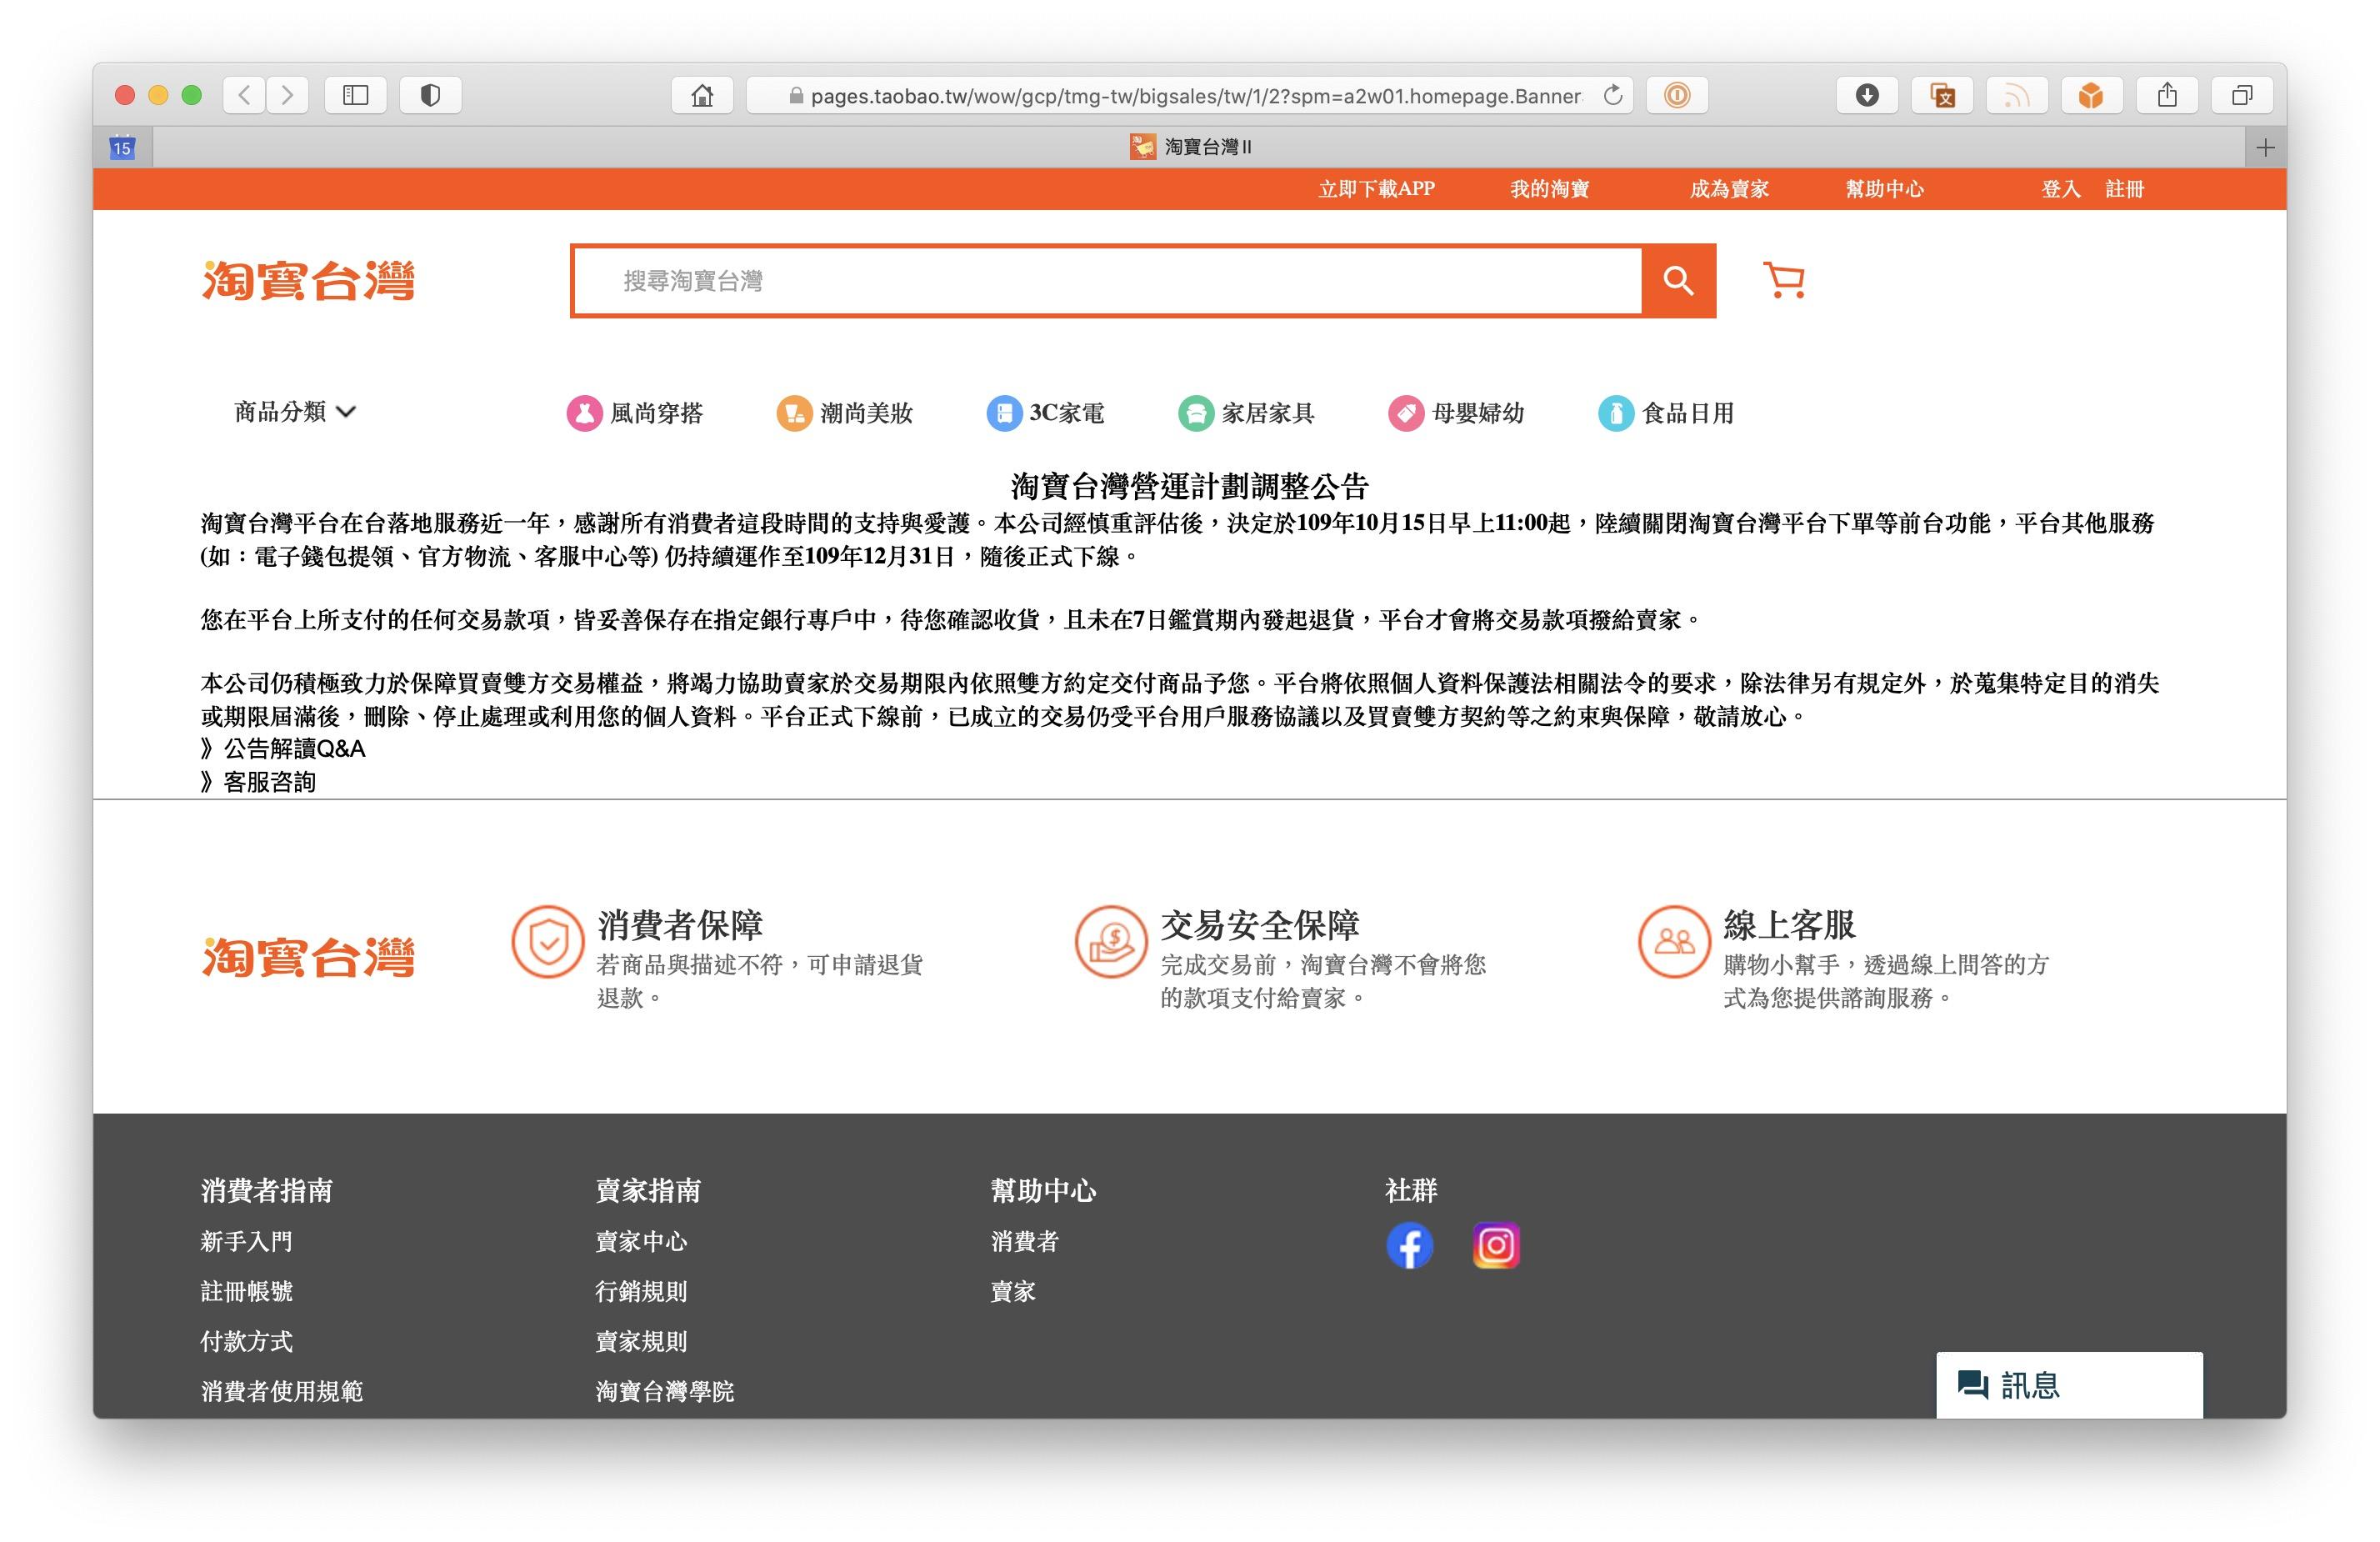 阿里回应淘宝台湾停止运营消息:尊重克雷达决定